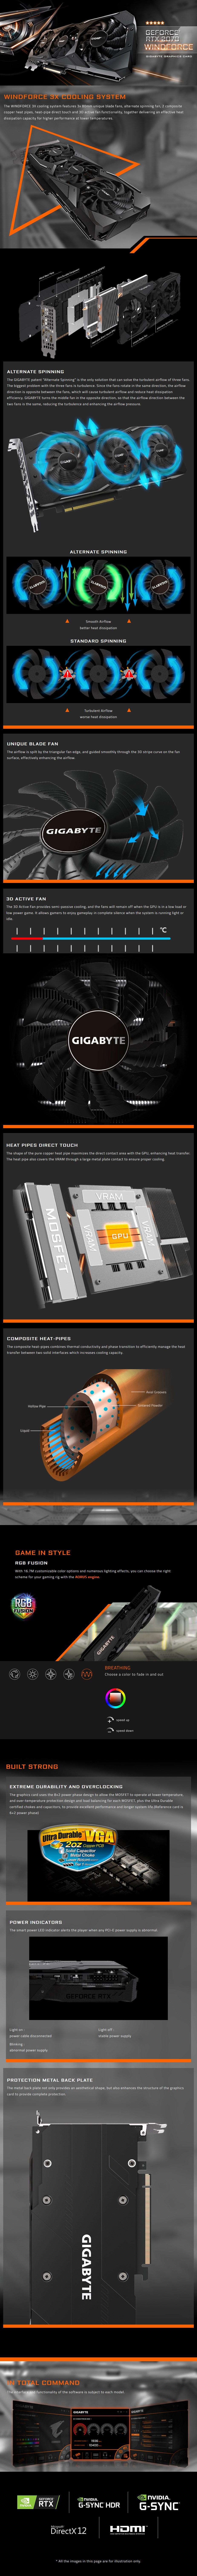 Gigabyte GeForce RTX 2070 Windforce 8GB Video Card - Desktop Overview 1